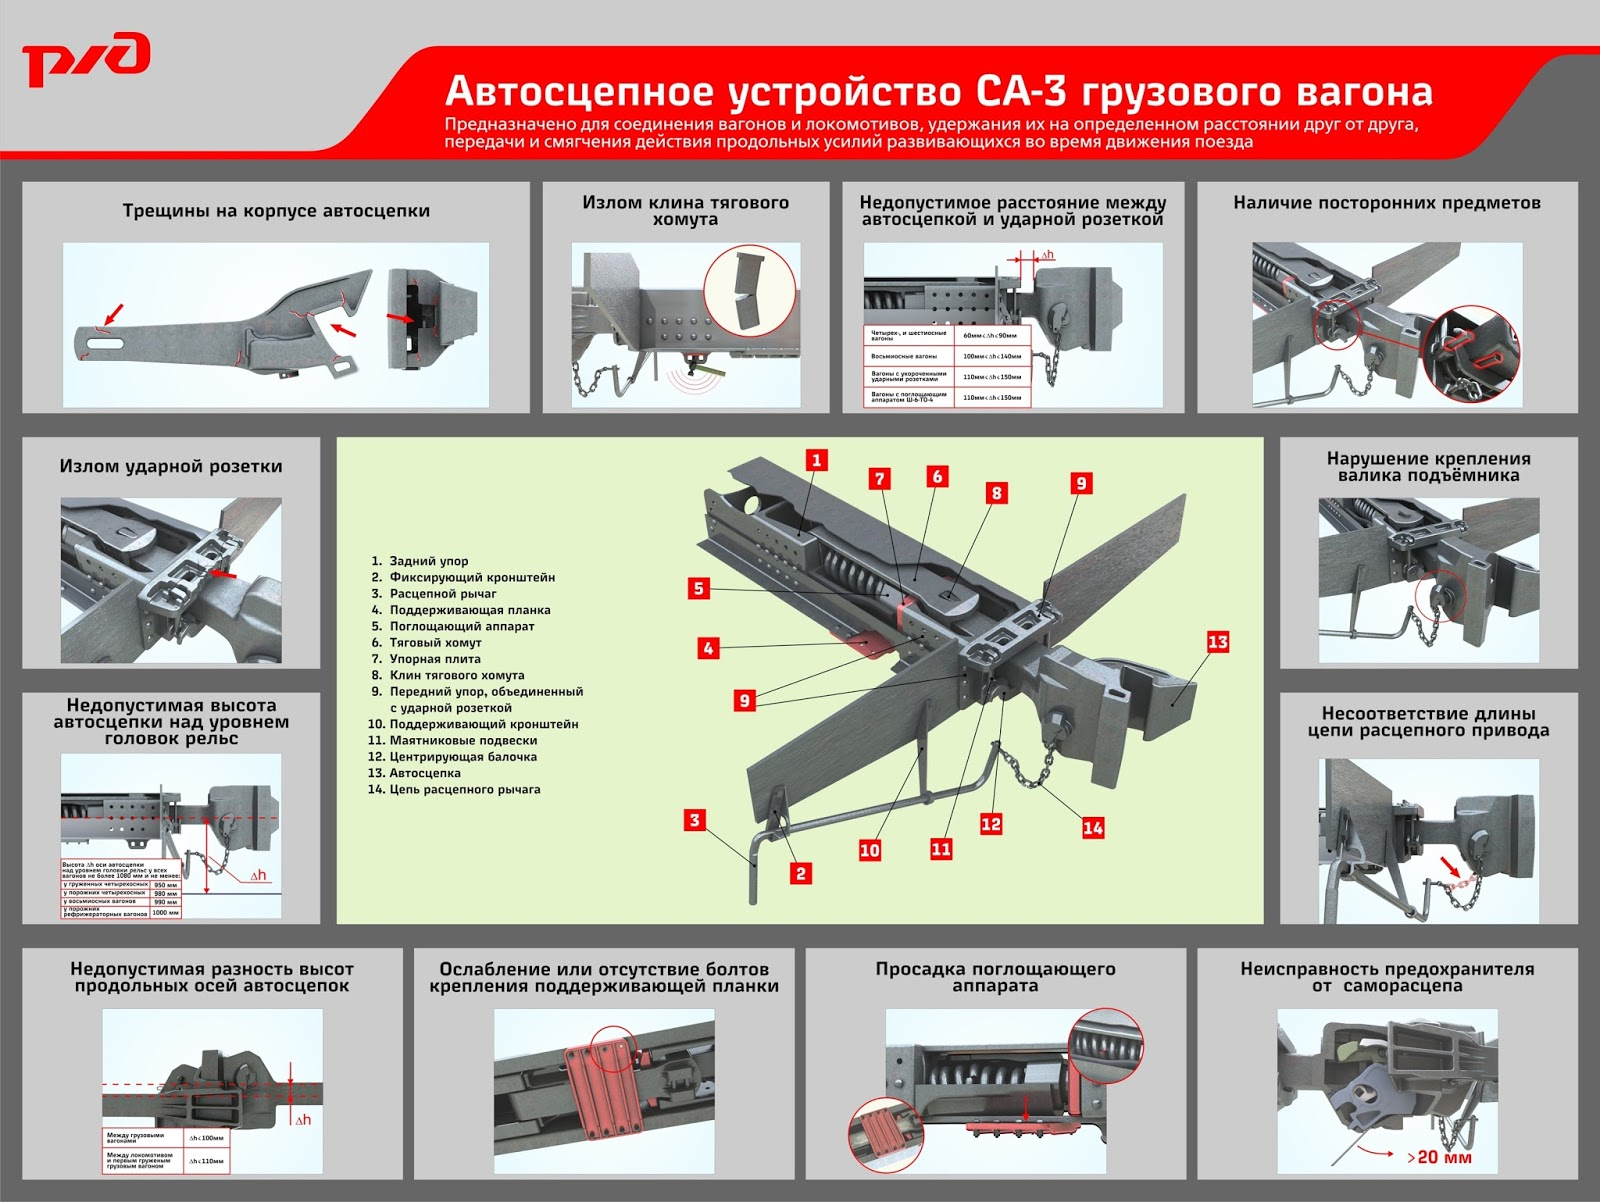 Инструкции по ремонту и обслуживанию автосцепного устройства подвижного состава